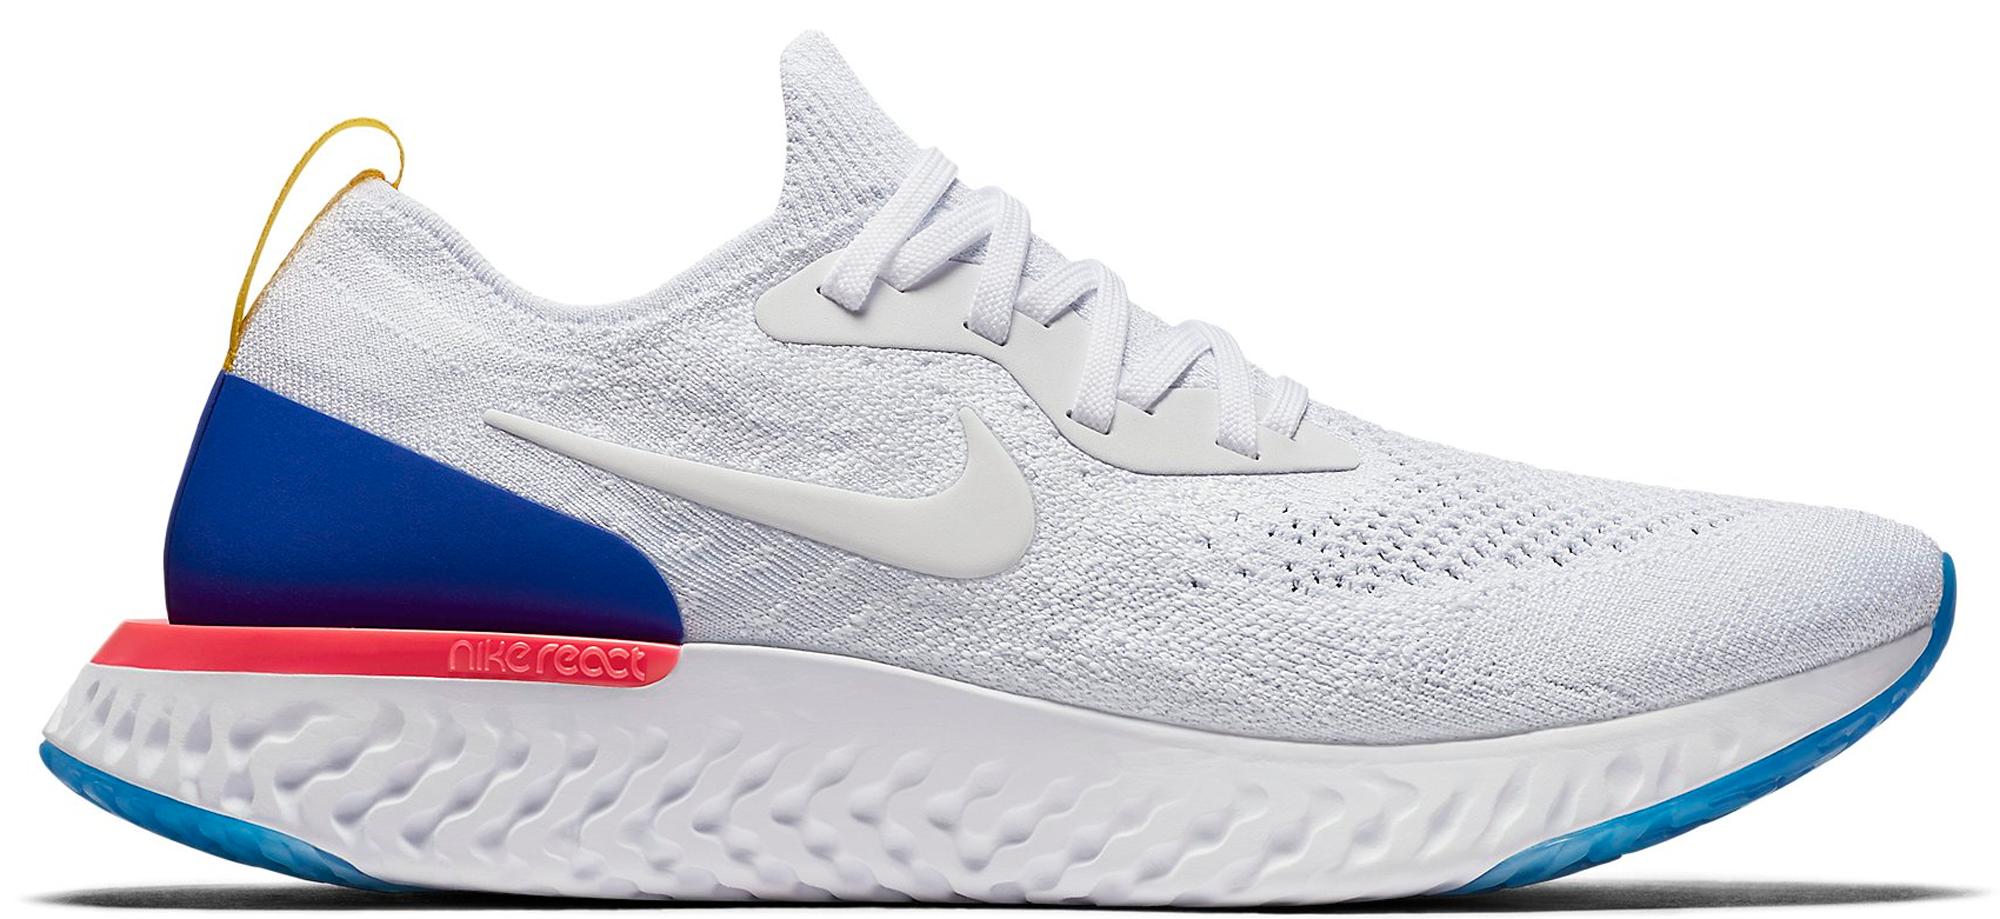 Nike Épique Flyknit Blanc Réagissent / Coureur Bleu / Explosion Rose /  Blanc réduction authentique vente